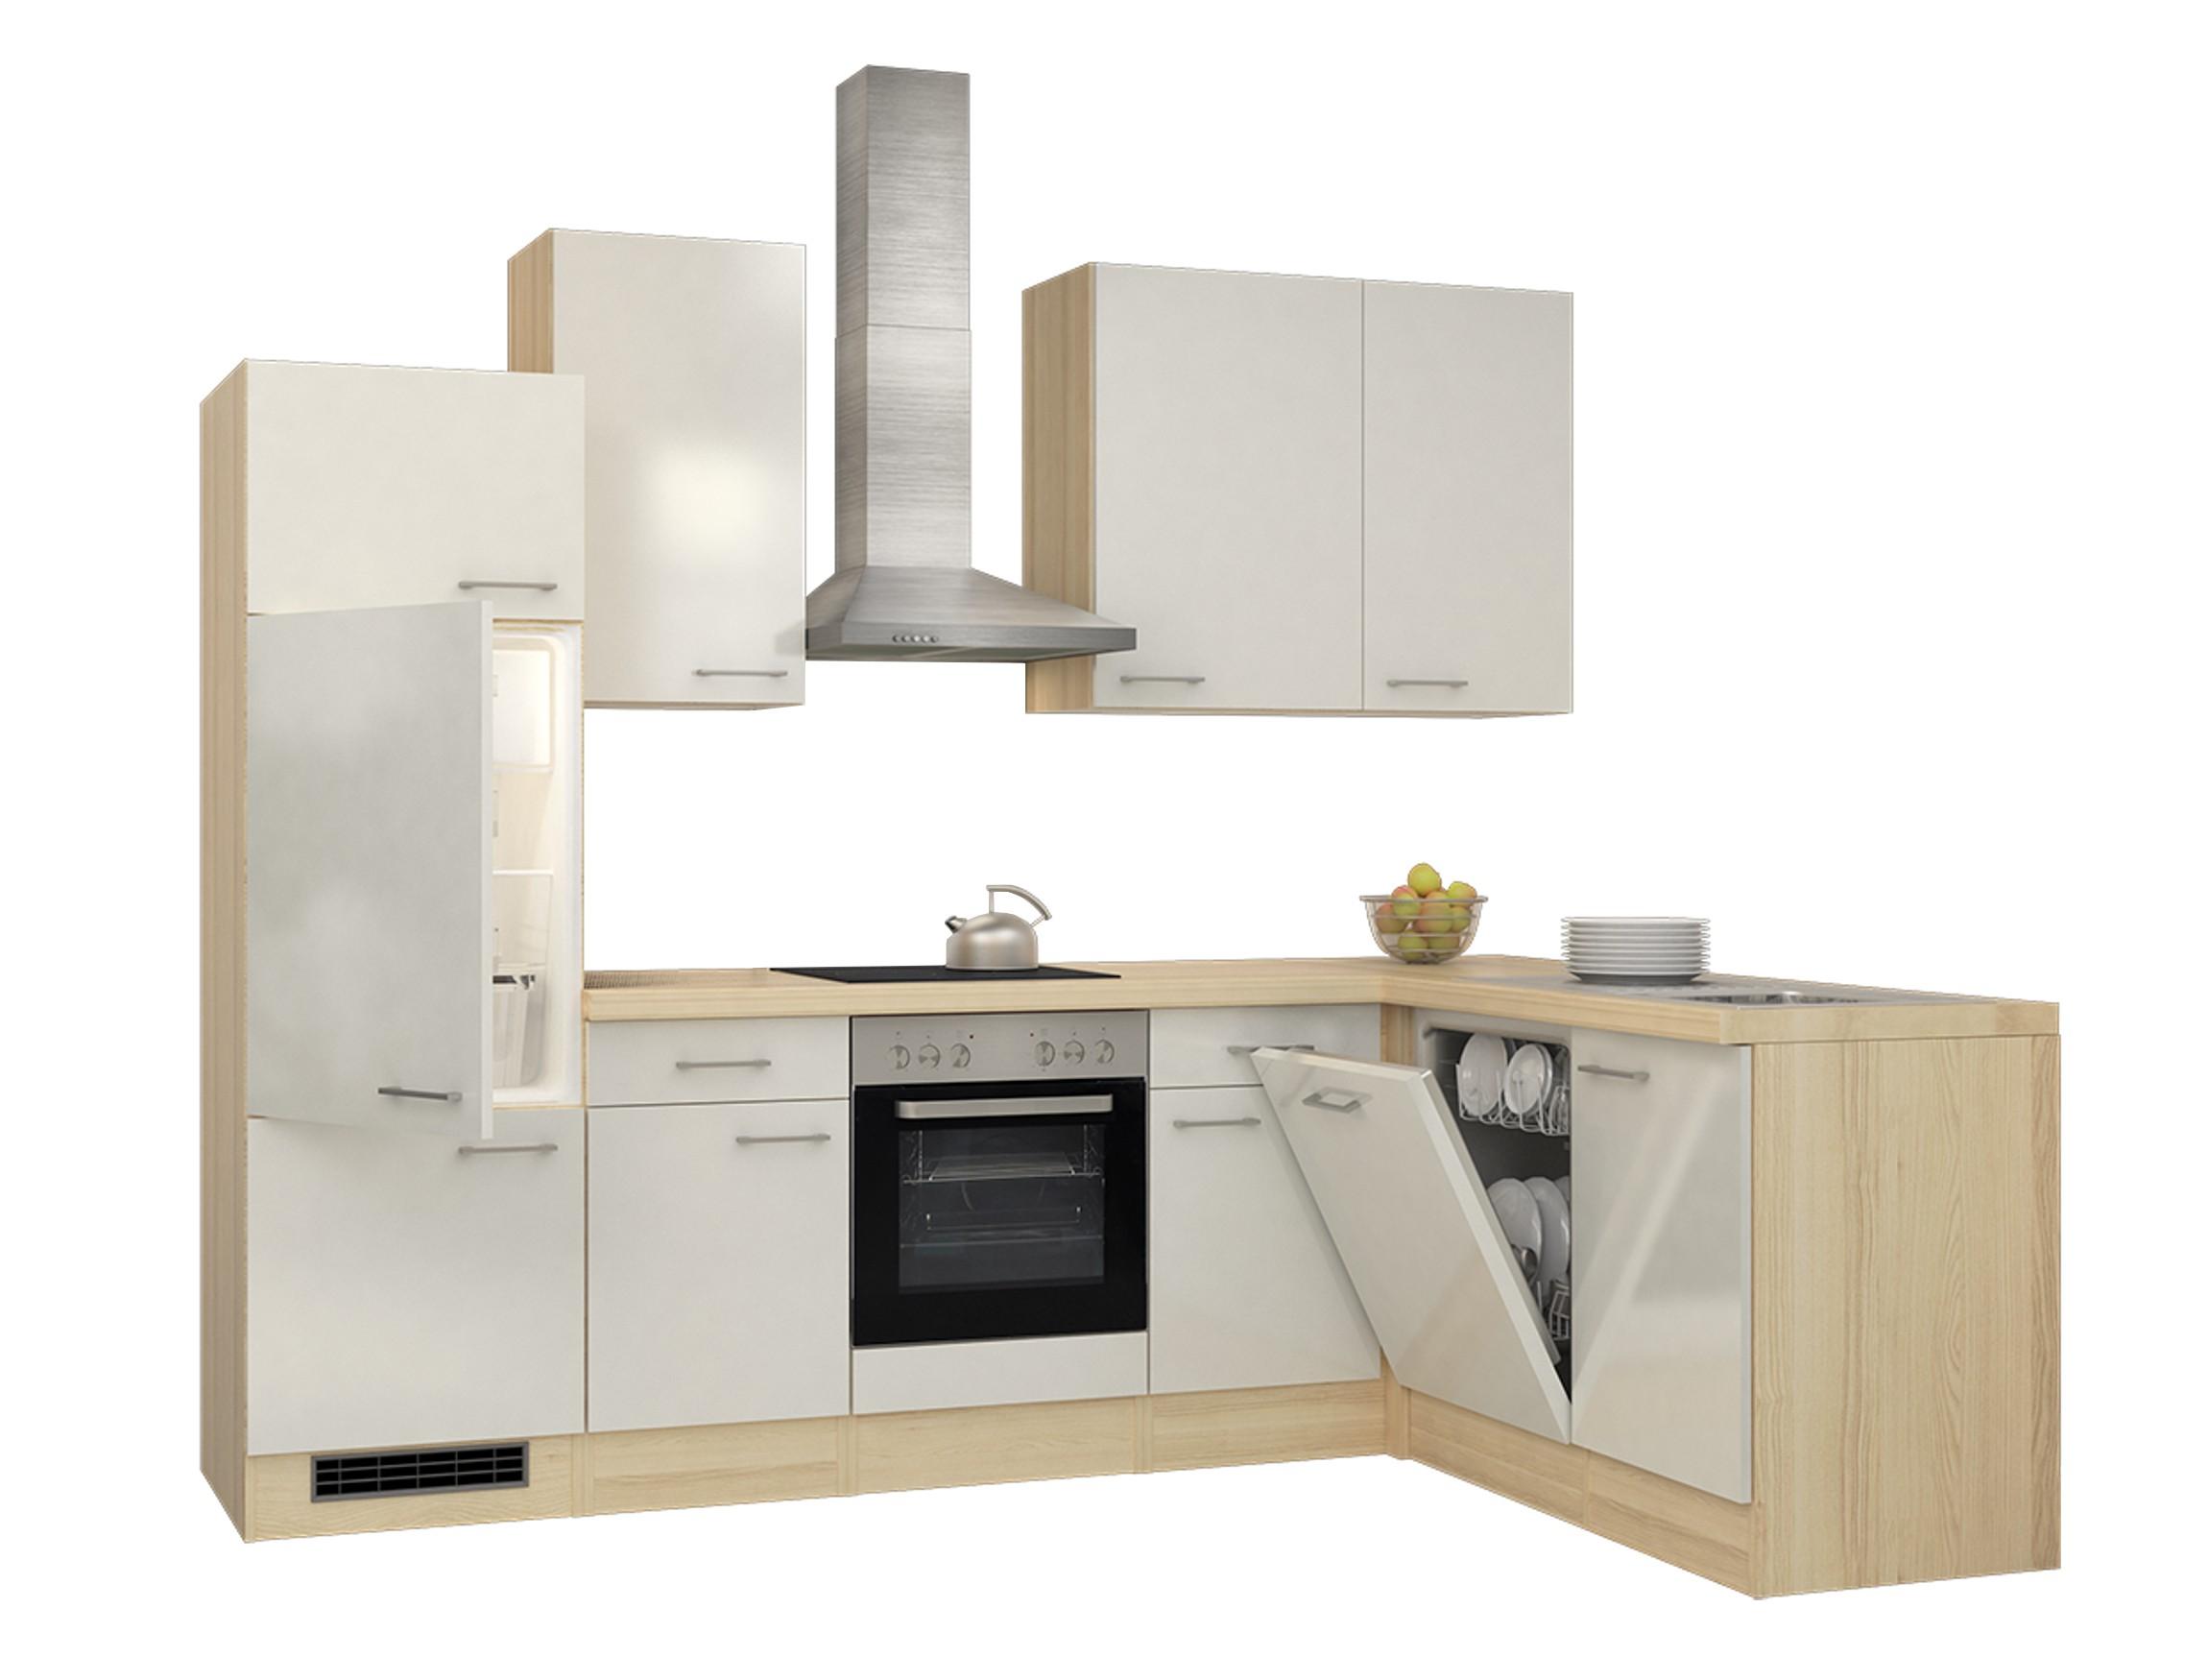 eckk che florenz k che mit e ger ten breite 280 x 170 cm perlmutt wei k che k chenzeilen. Black Bedroom Furniture Sets. Home Design Ideas